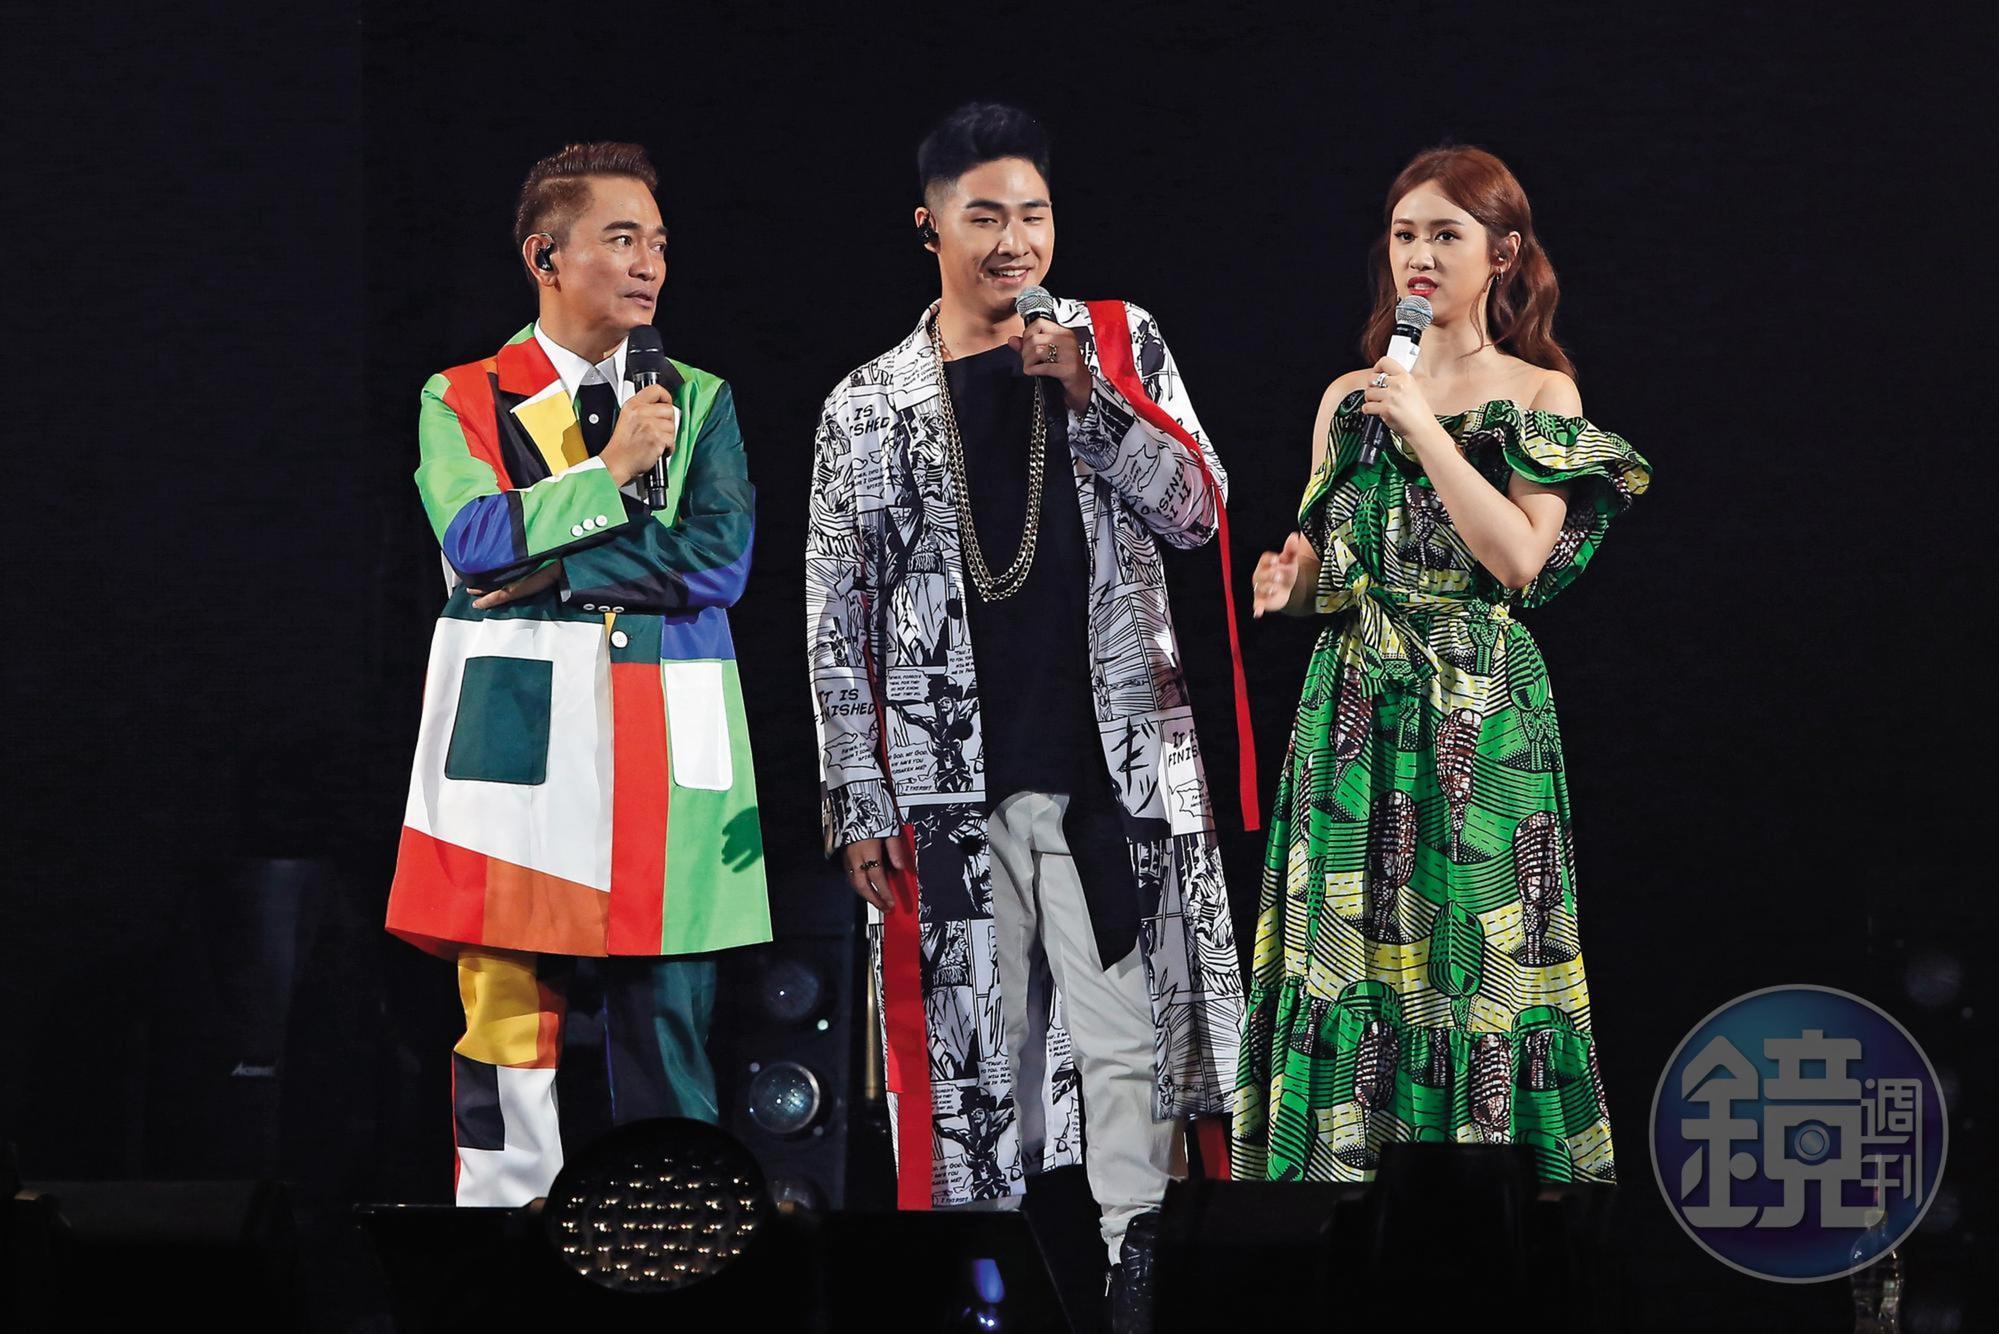 吳宗憲(左起)、鹿希派、吳姍儒一家3口,在娛樂圈發展,成績不錯。